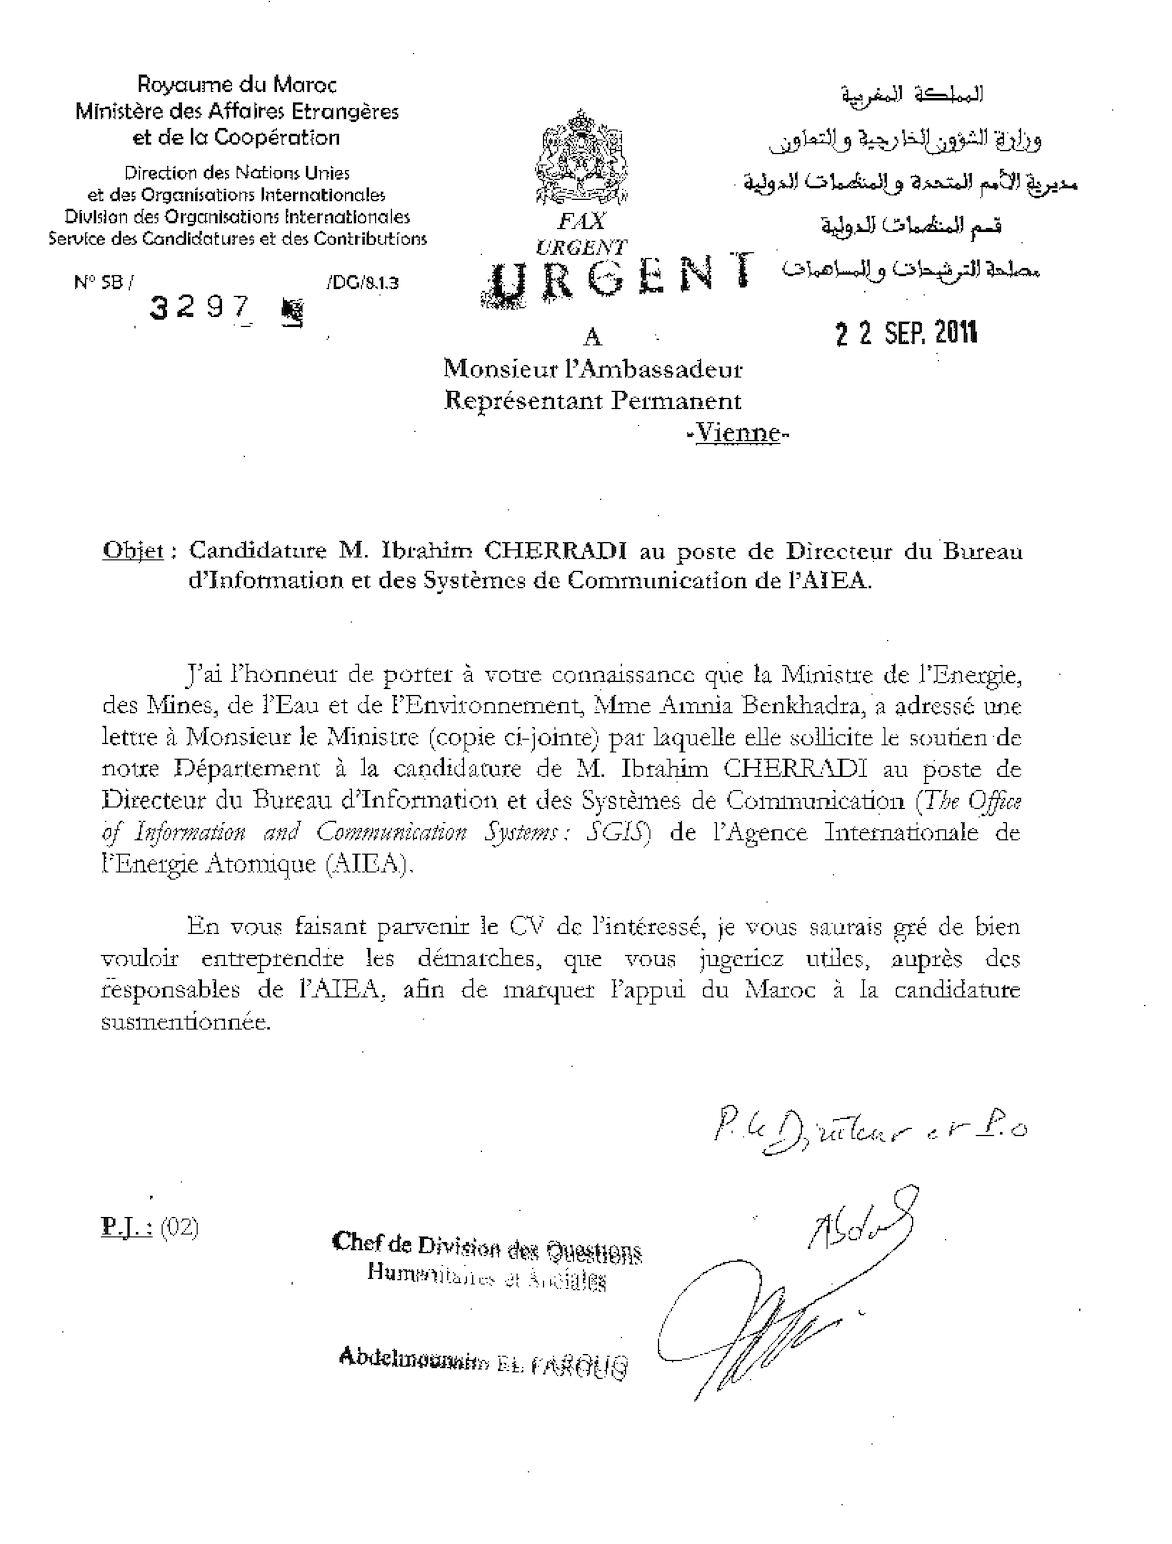 3297 Vienne